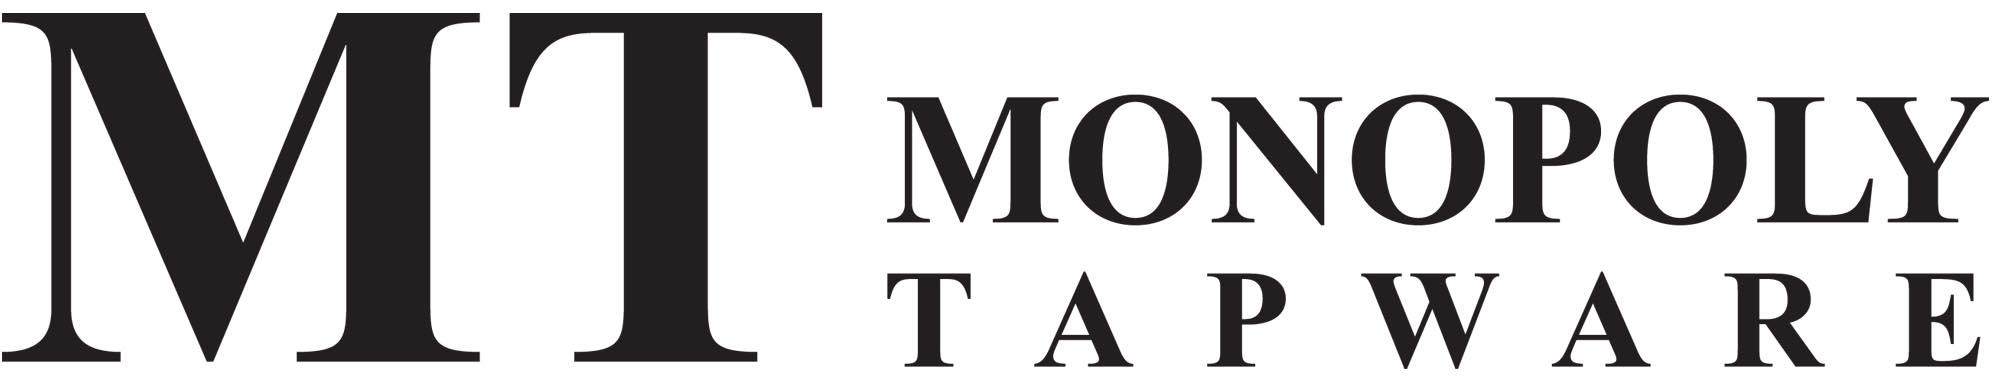 monopoly-logo-banner.jpg